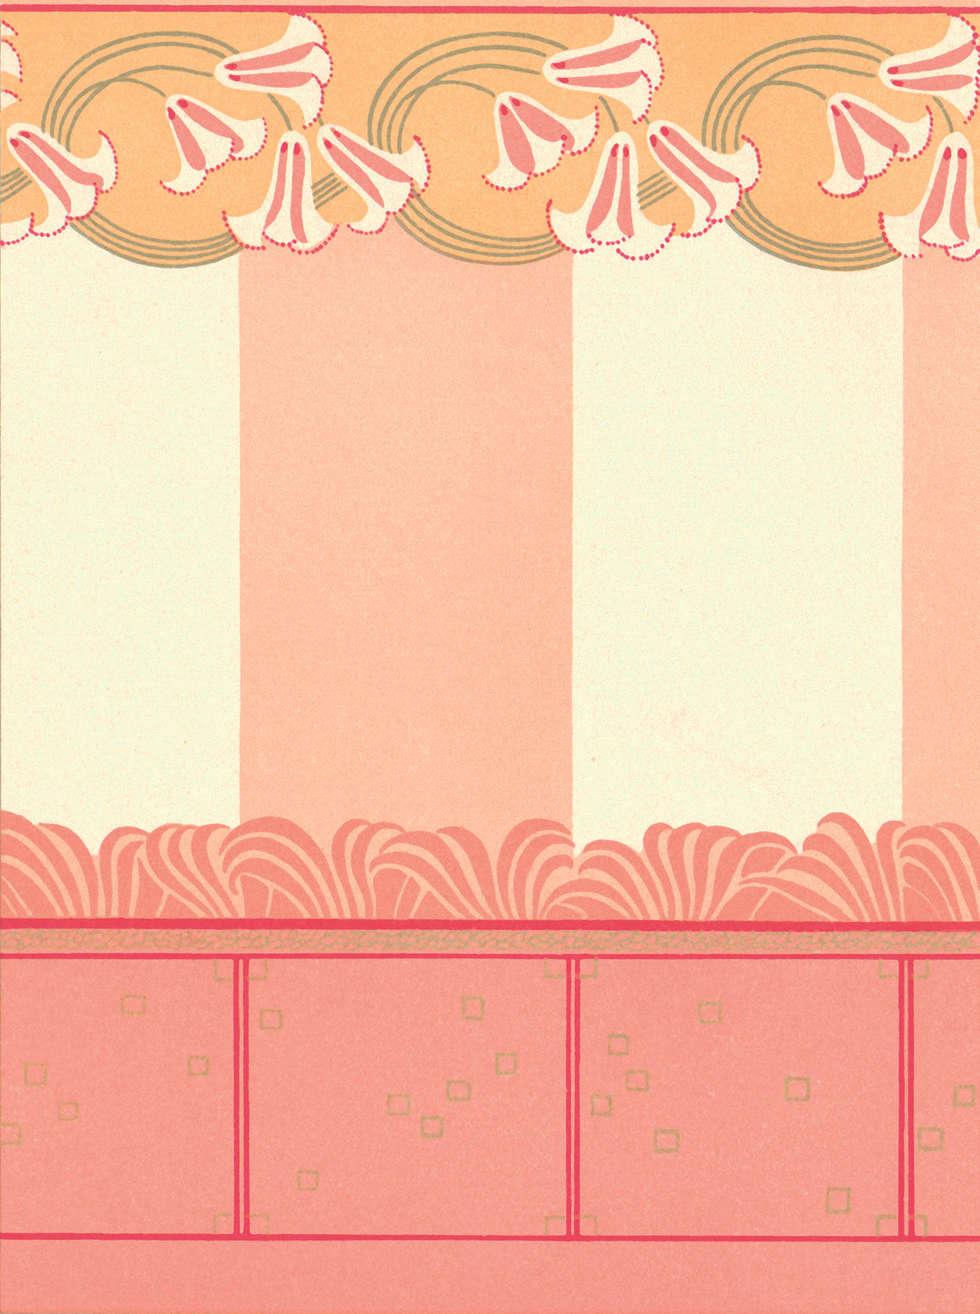 Idee arredamento casa interior design homify - Decorazione murale ...